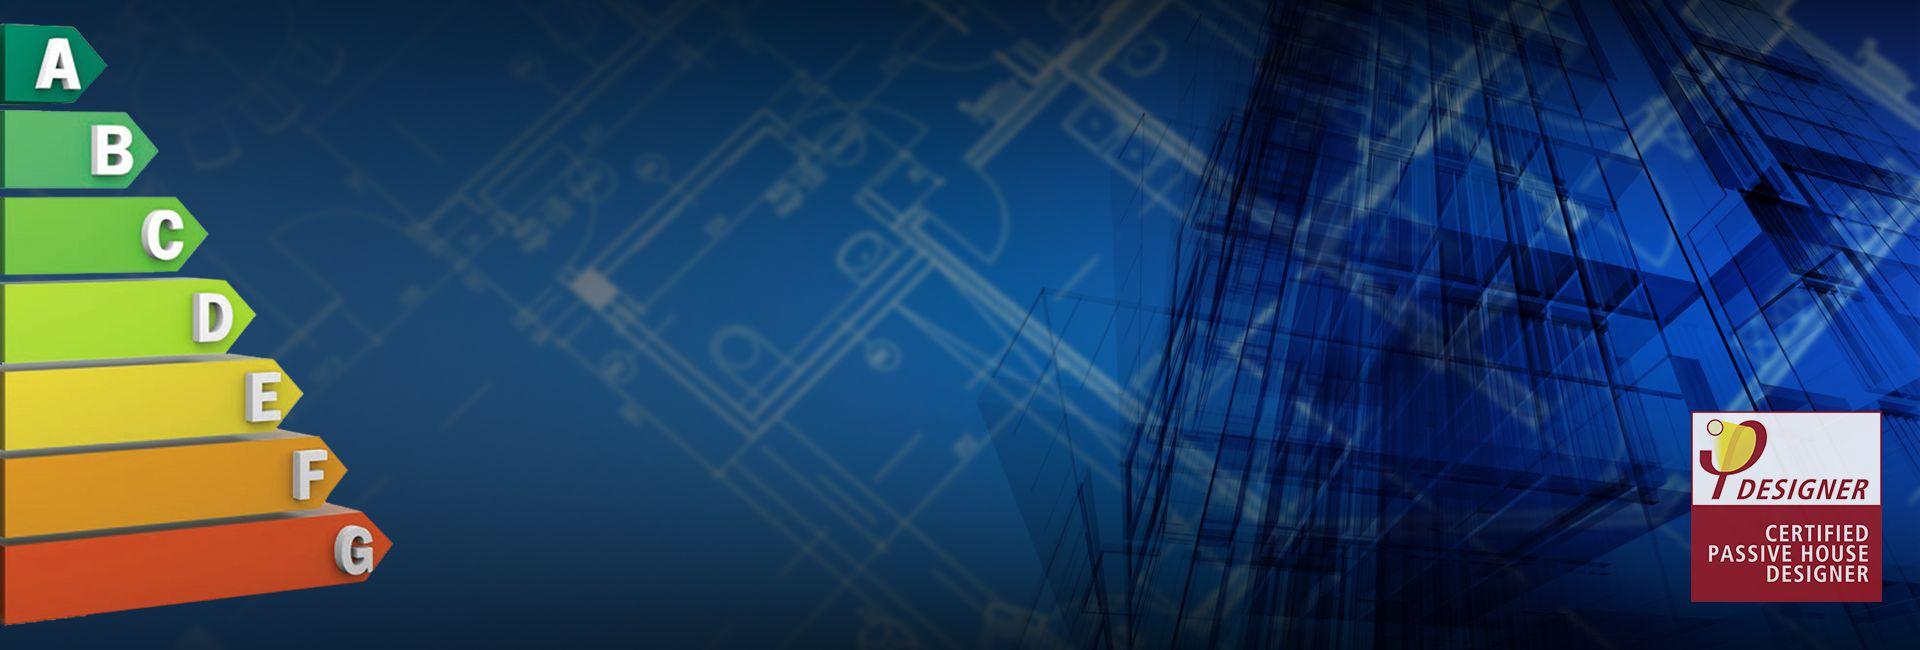 Energinis efektyvumas projektavimas, Synergy Solutions, BIM projektavimas, projektu valdymas, energinio naudingumo projektavimas